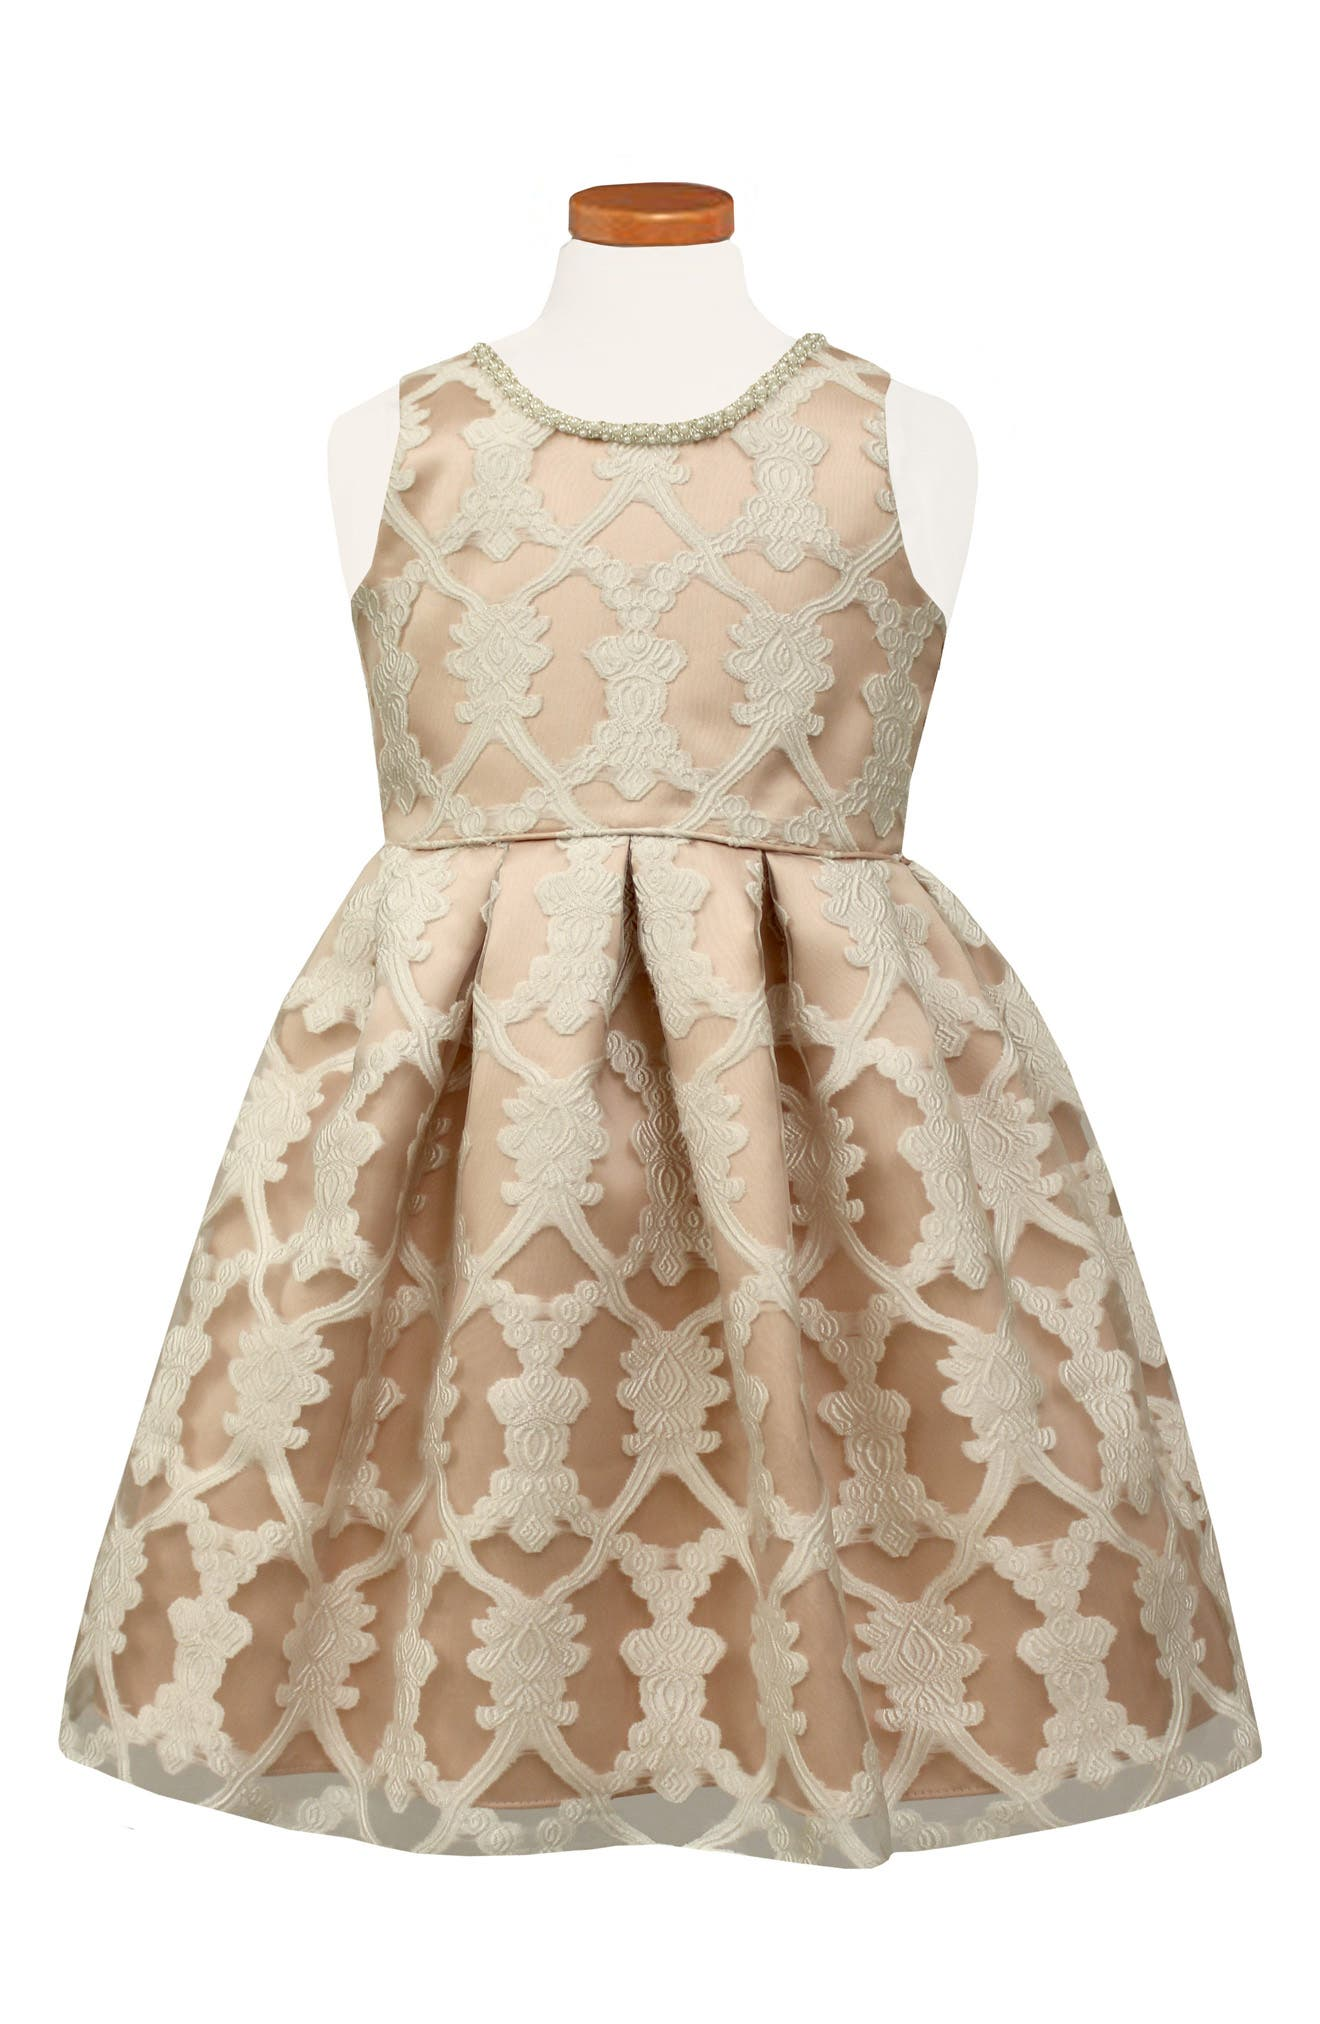 SORBET,                             Burnout Lace Party Dress,                             Main thumbnail 1, color,                             660